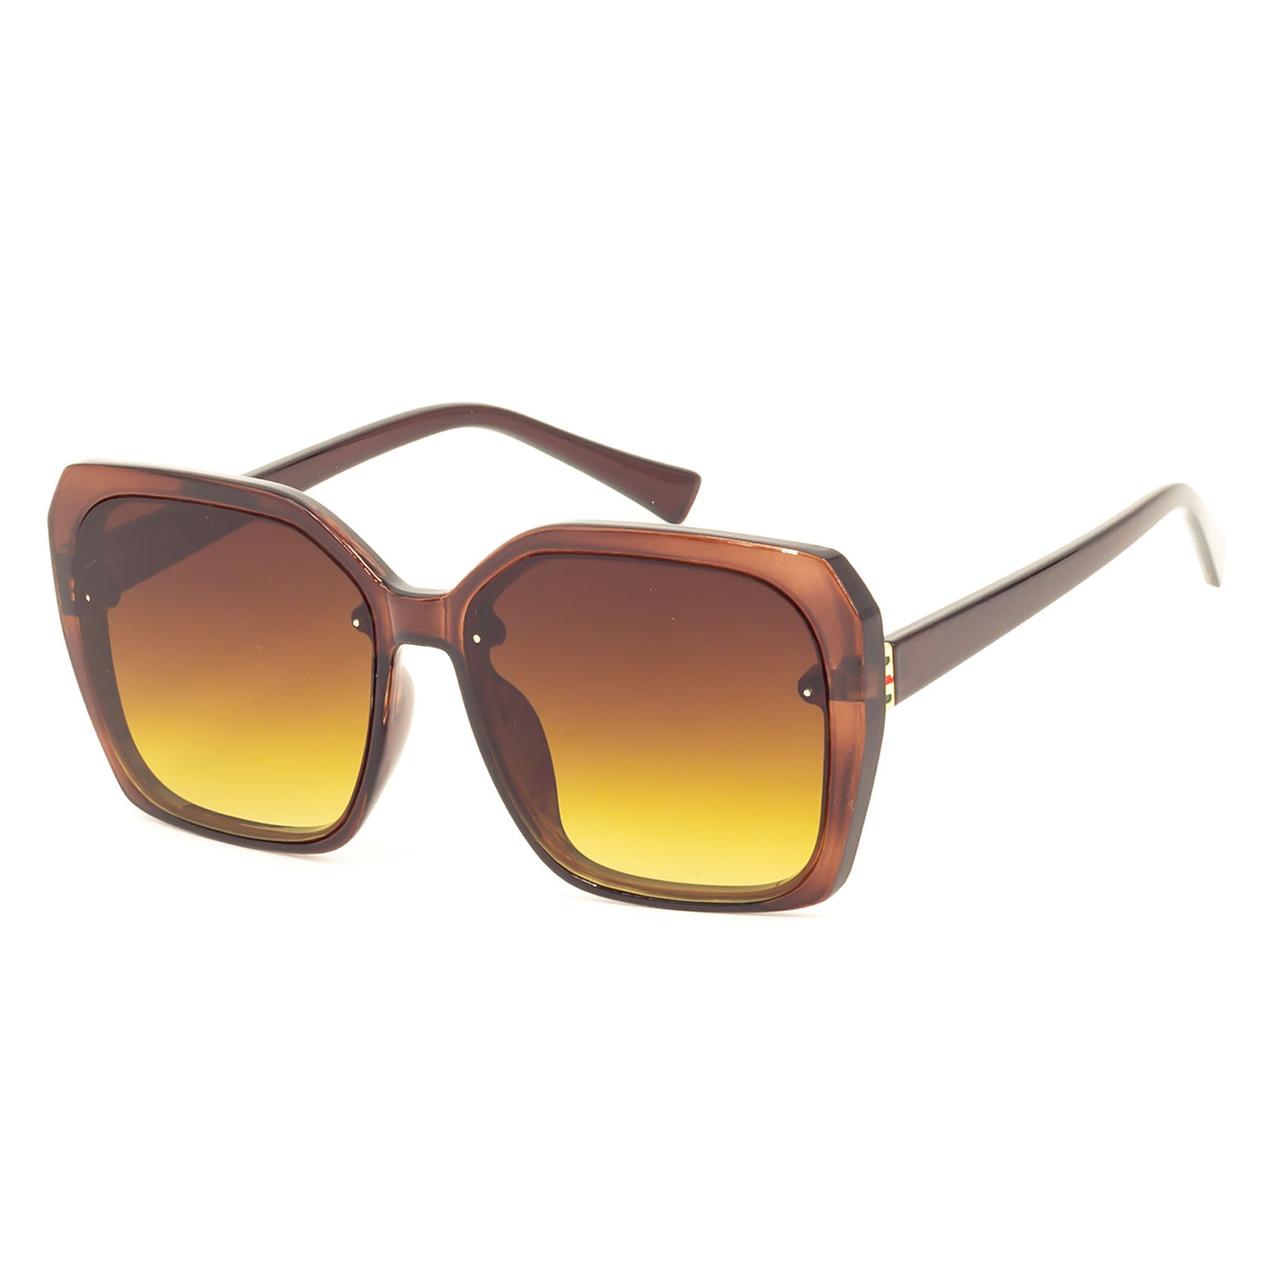 Солнцезащитные очки Marmilen 338877-1 C2 коричневые     ( MA338877-1-02 )